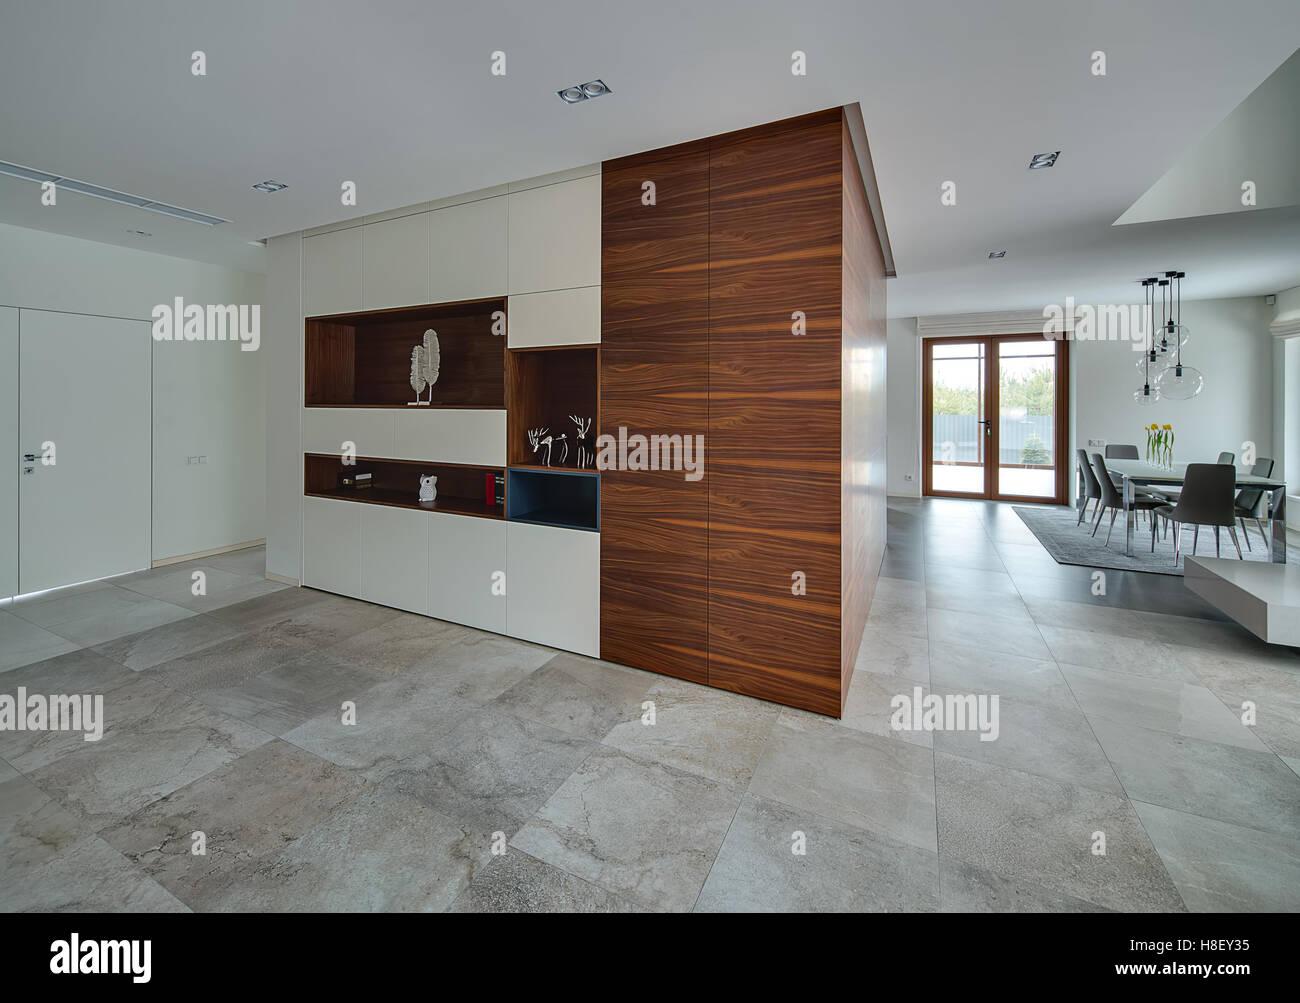 https://c8.alamy.com/compde/h8ey35/interieur-im-modernen-stil-h8ey35.jpg